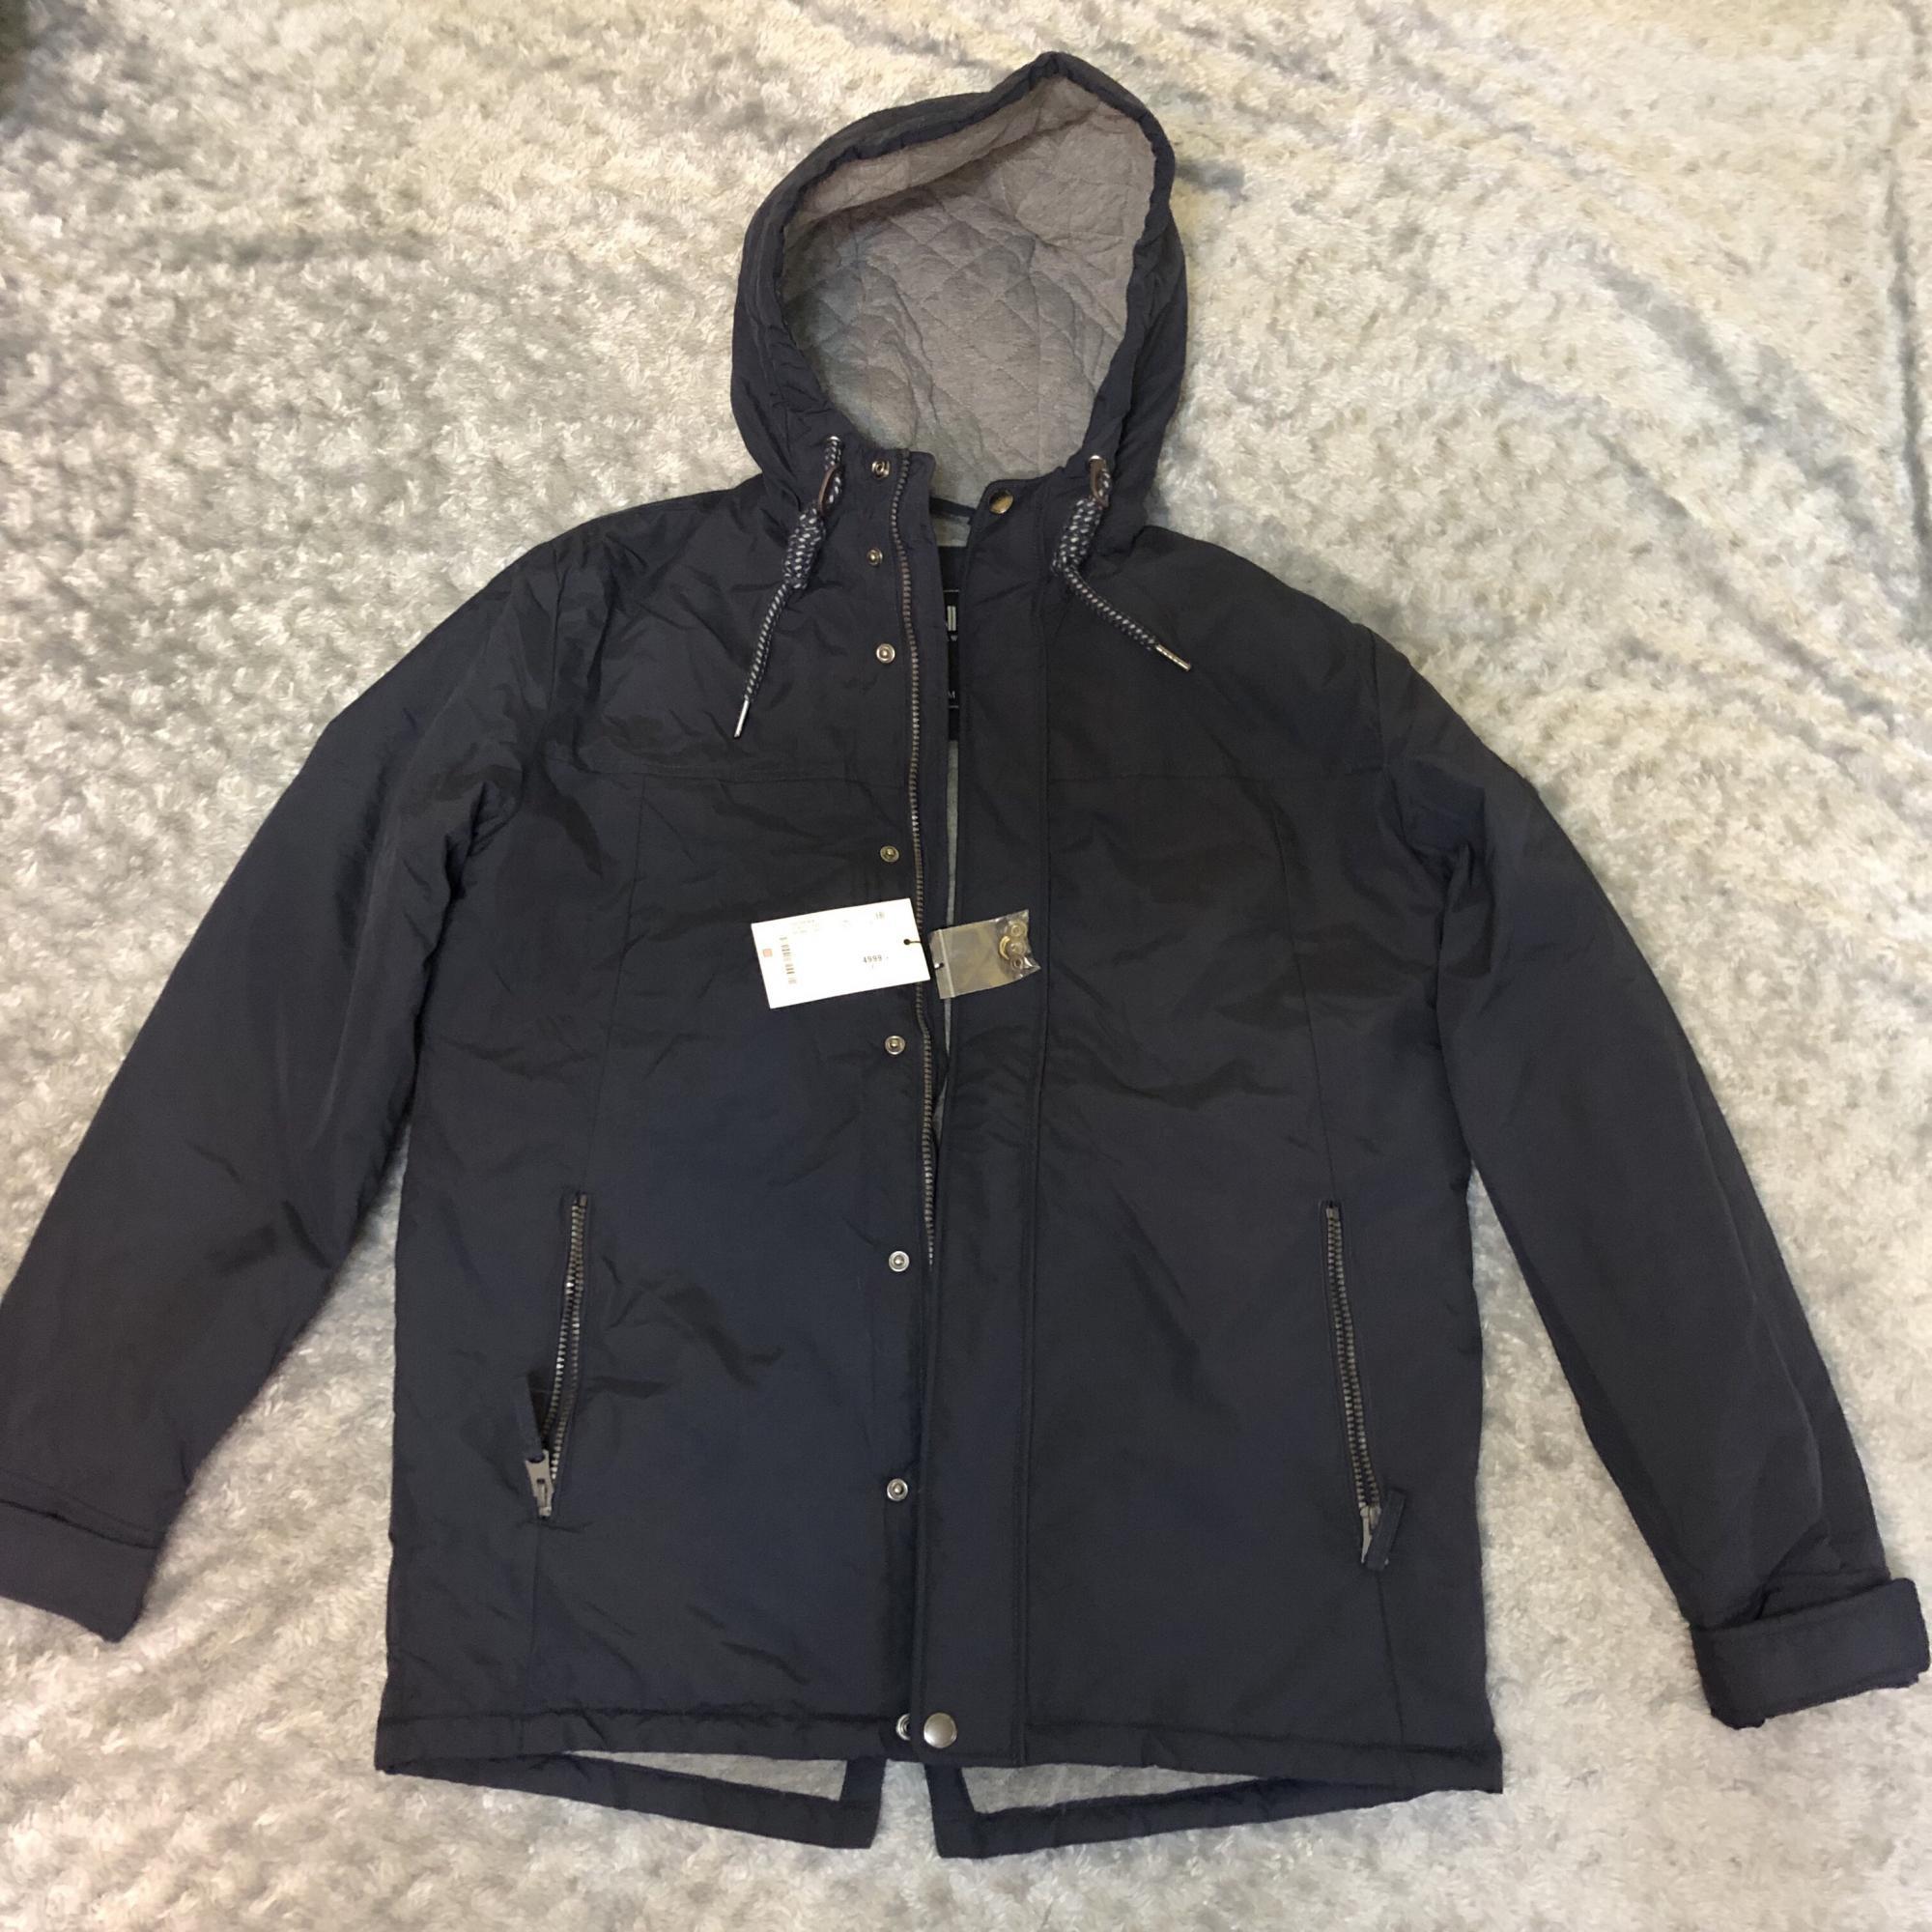 Мужская куртка Zolla, с капюшоном в Москве 89256096656 купить 2